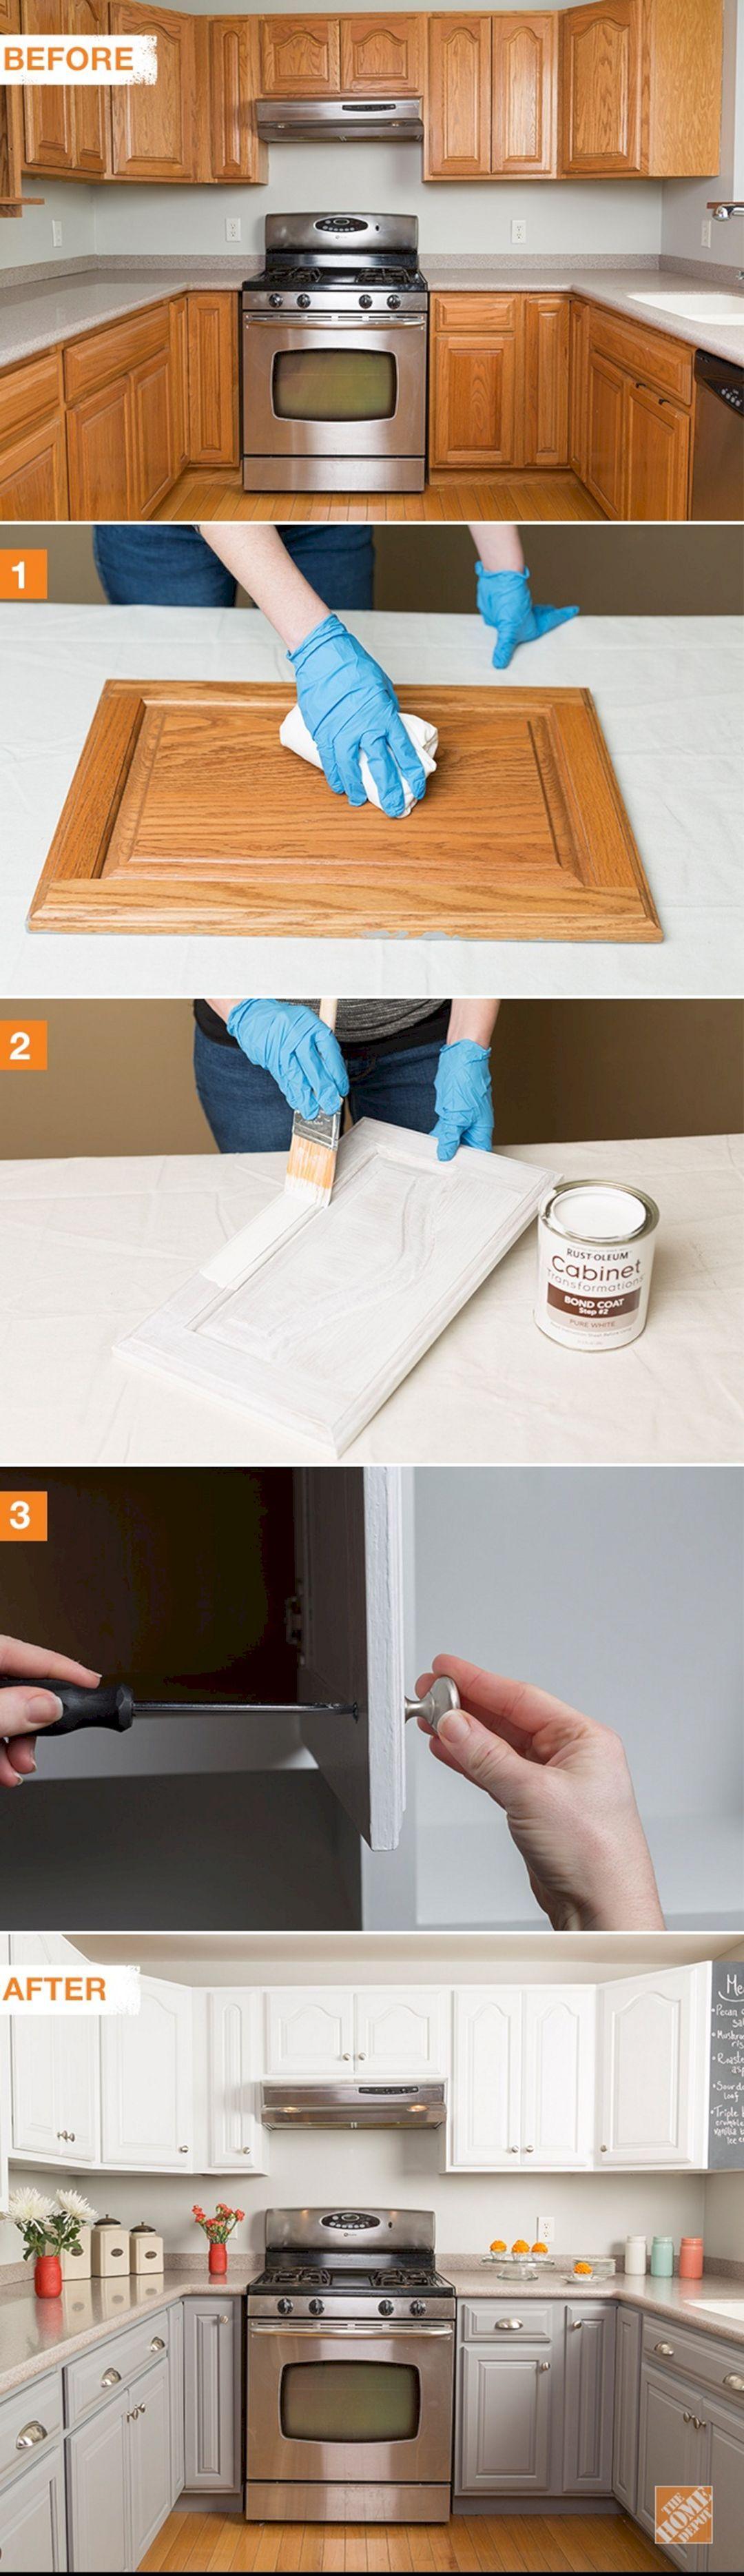 12 Best Smart Home Renovation Ideas On A Budget | Pinterest ...